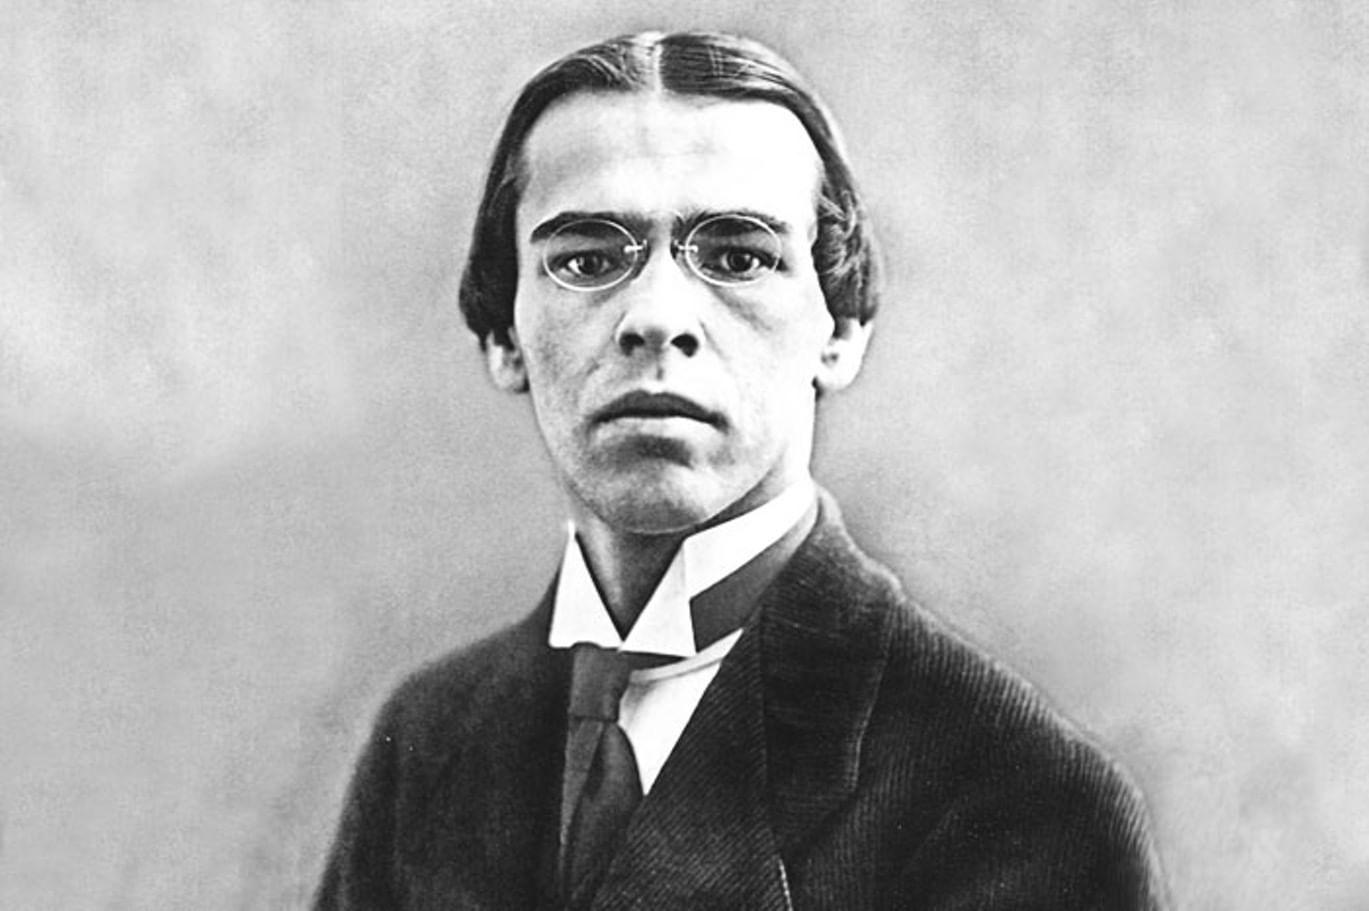 Владислав Фелицианович Ходасевич (16 (28) мая 1886, Москва — 14 июня 1939, Париж) — русский поэт, переводчик. Выступал также как критик, мемуарист и историк литературы, пушкинист.